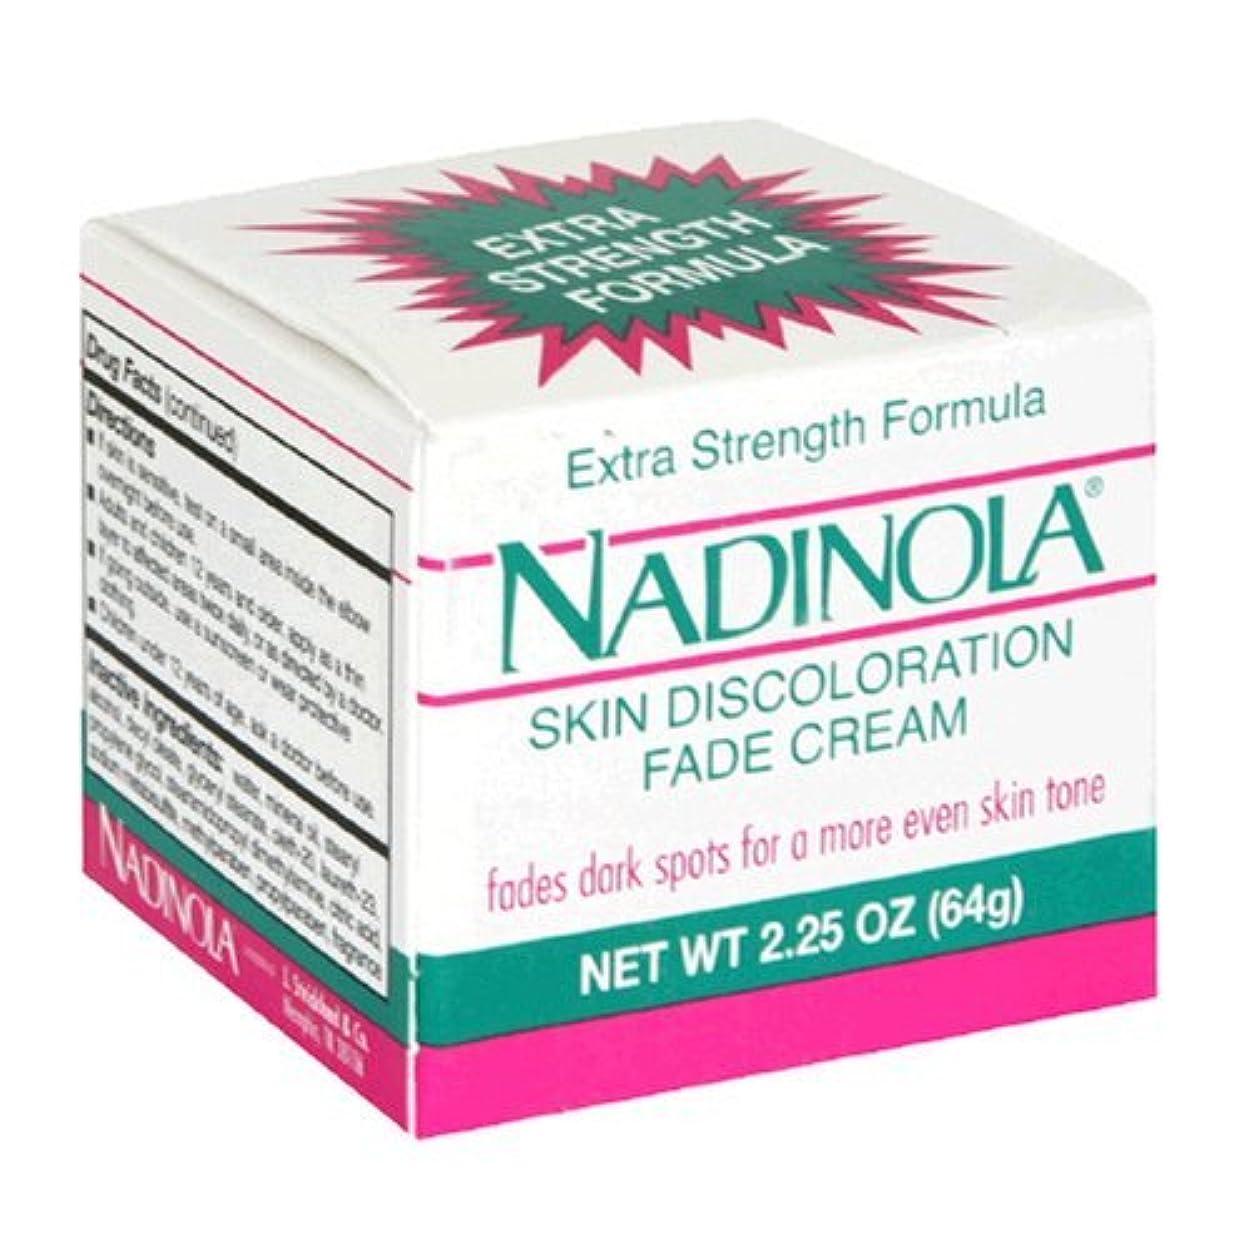 スモッグ調整可能天のNadinola Discoloration Fade Cream 2.25oz Extra Strength (並行輸入品)